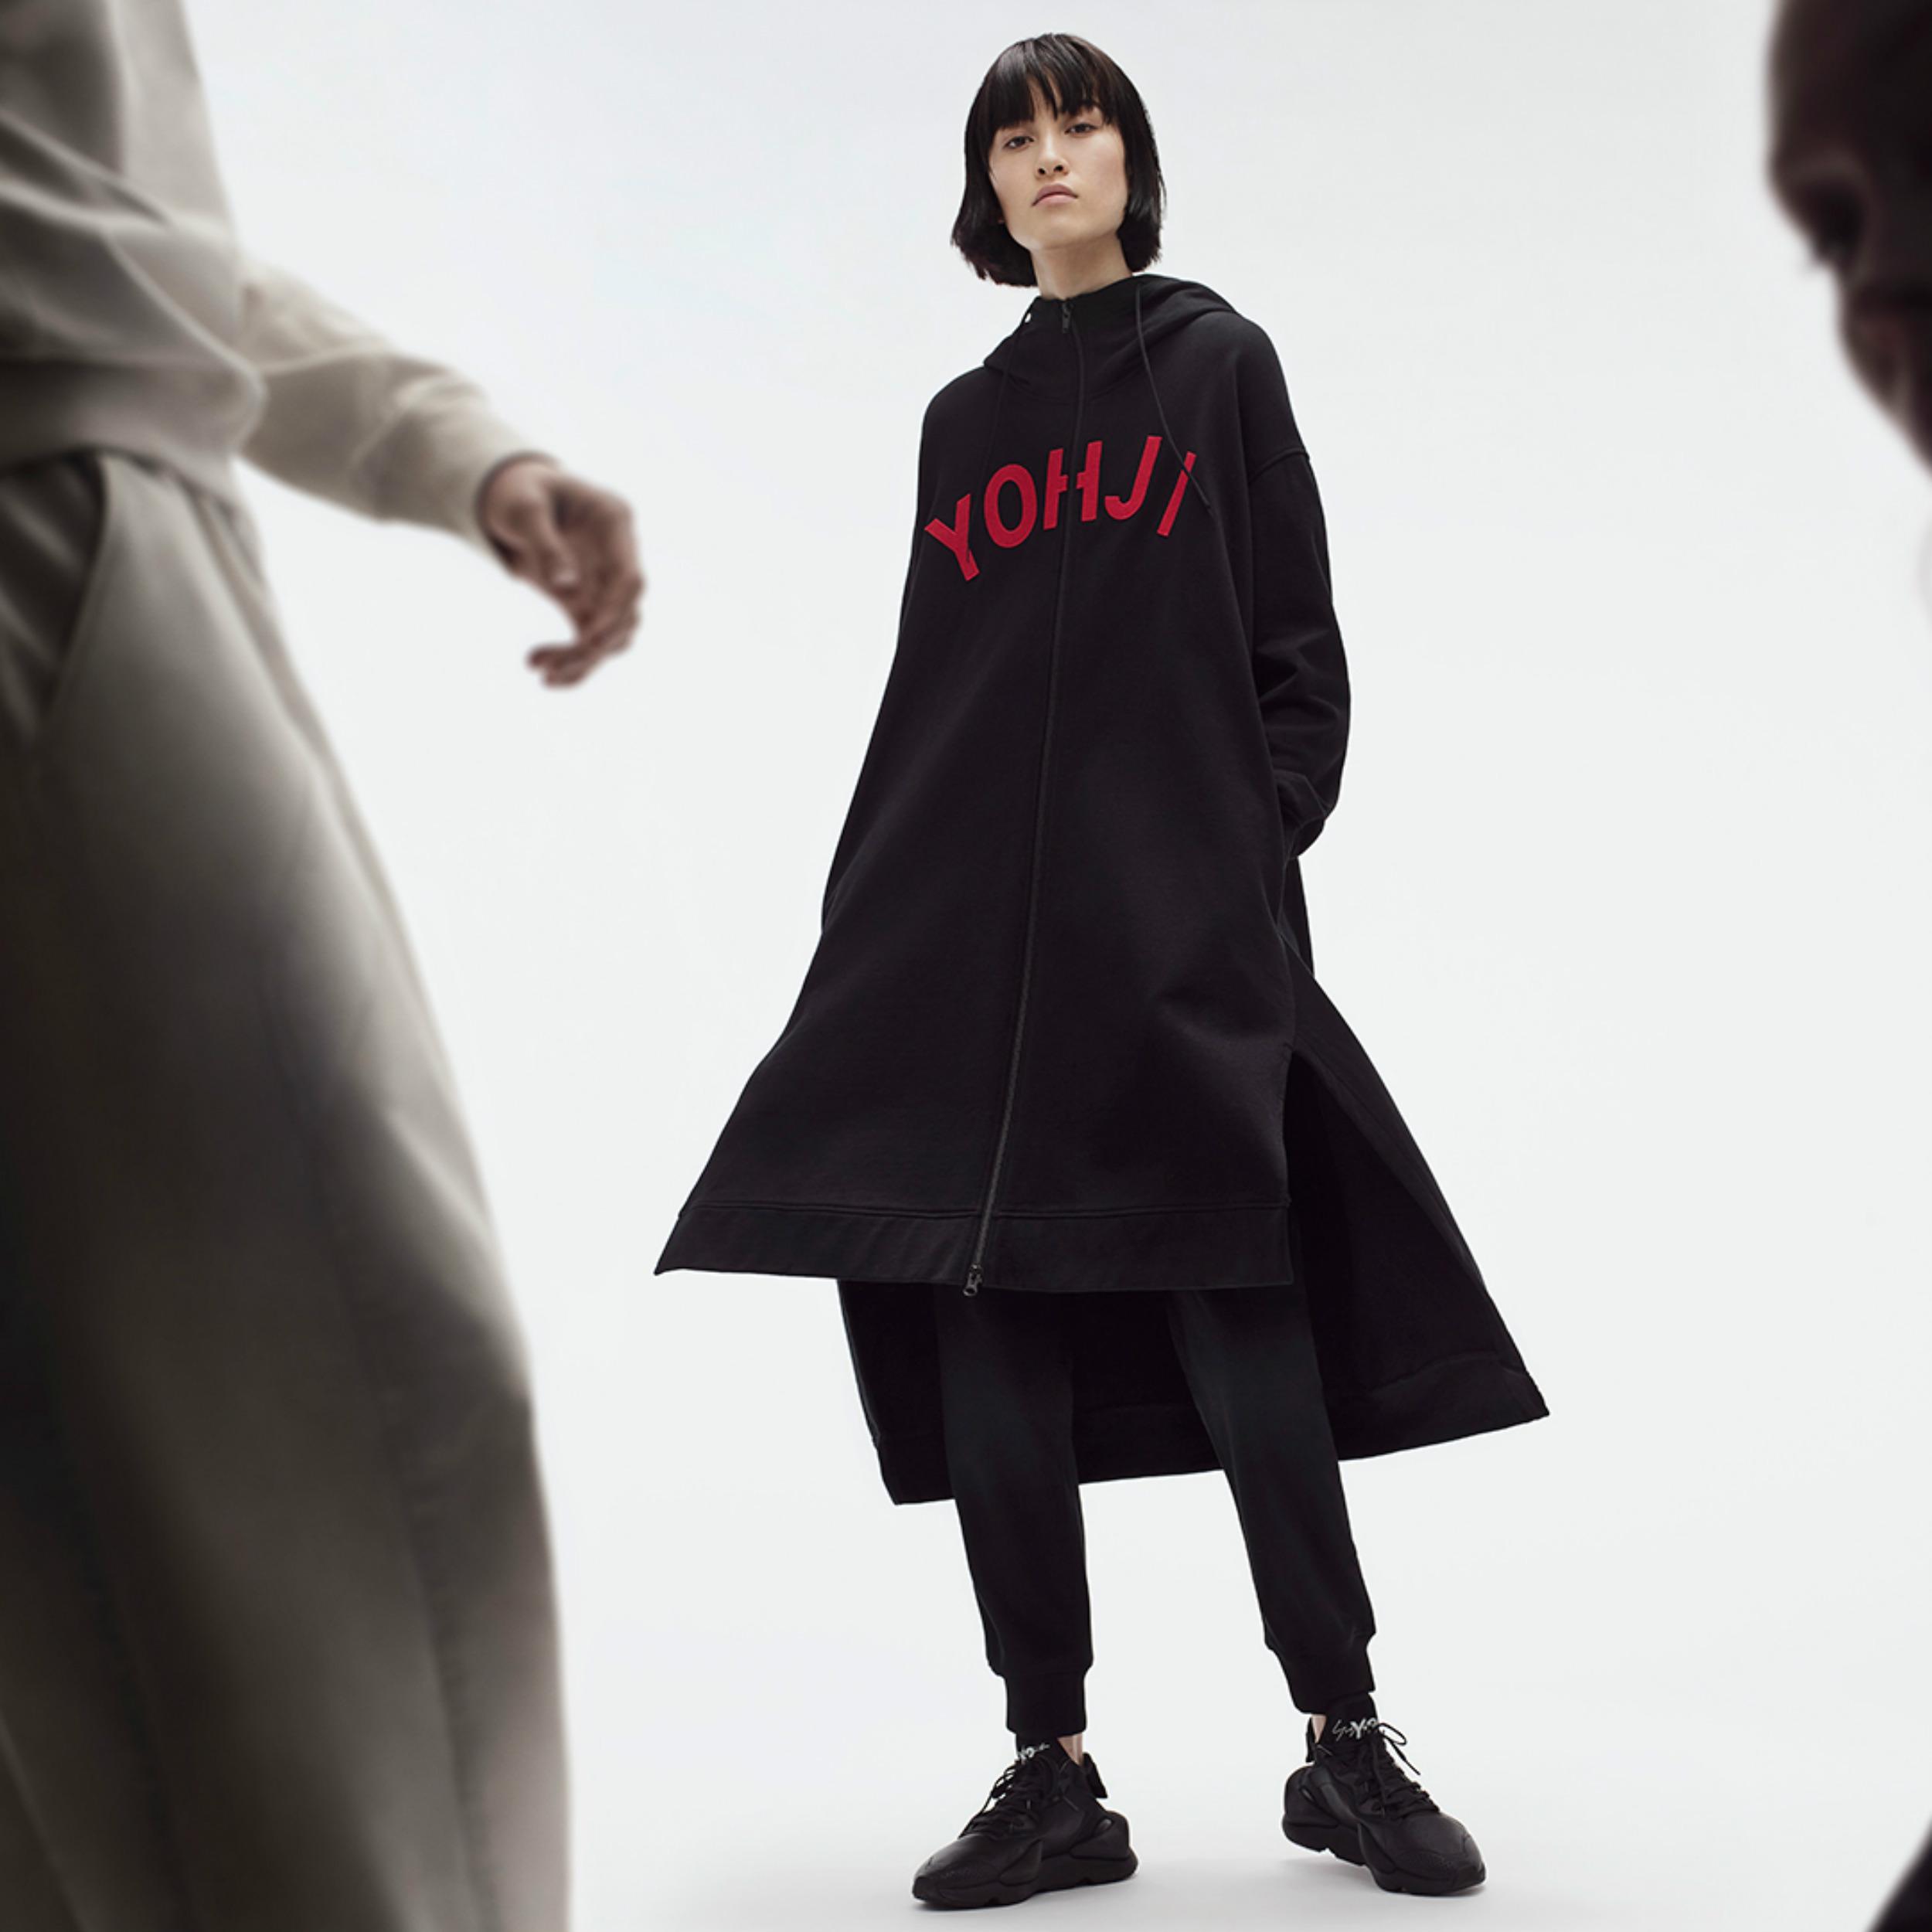 adidas x Yohji Yamamoto Y 3 1 PRVI PUT U SRBIJI: adidas x Yohji Yamamoto Y 3 kolekcija